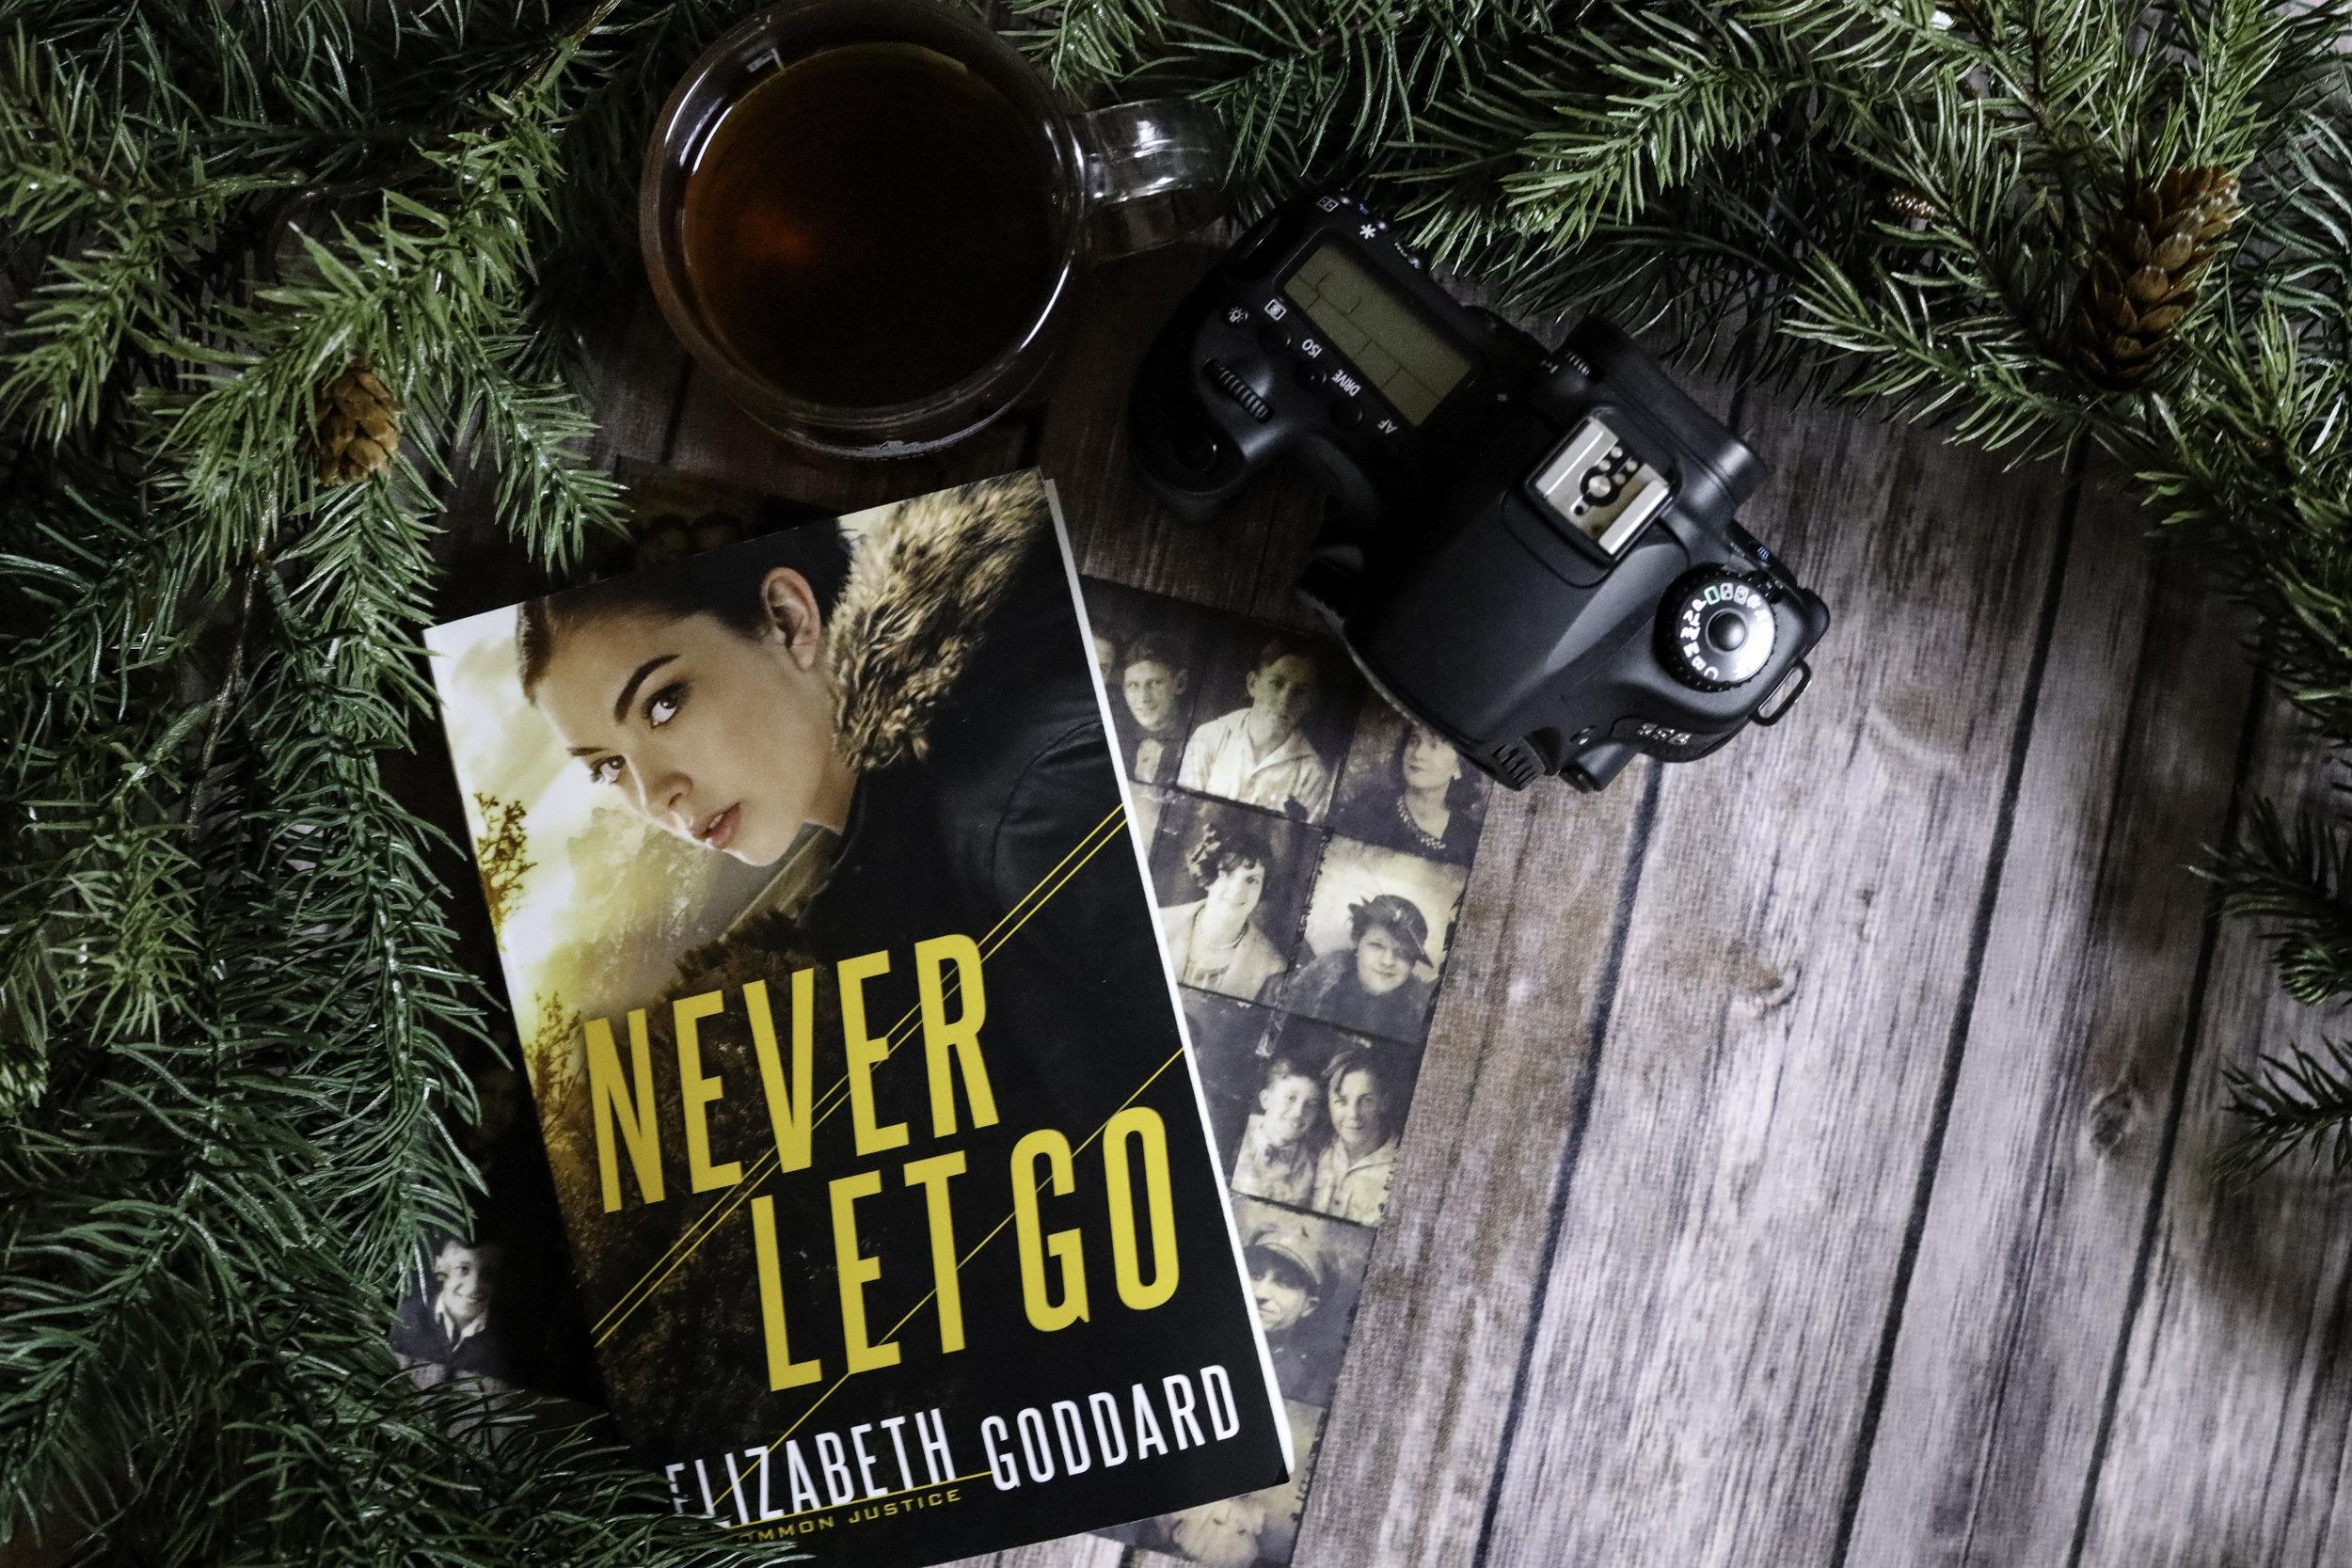 never let go elizabeth goddard book review